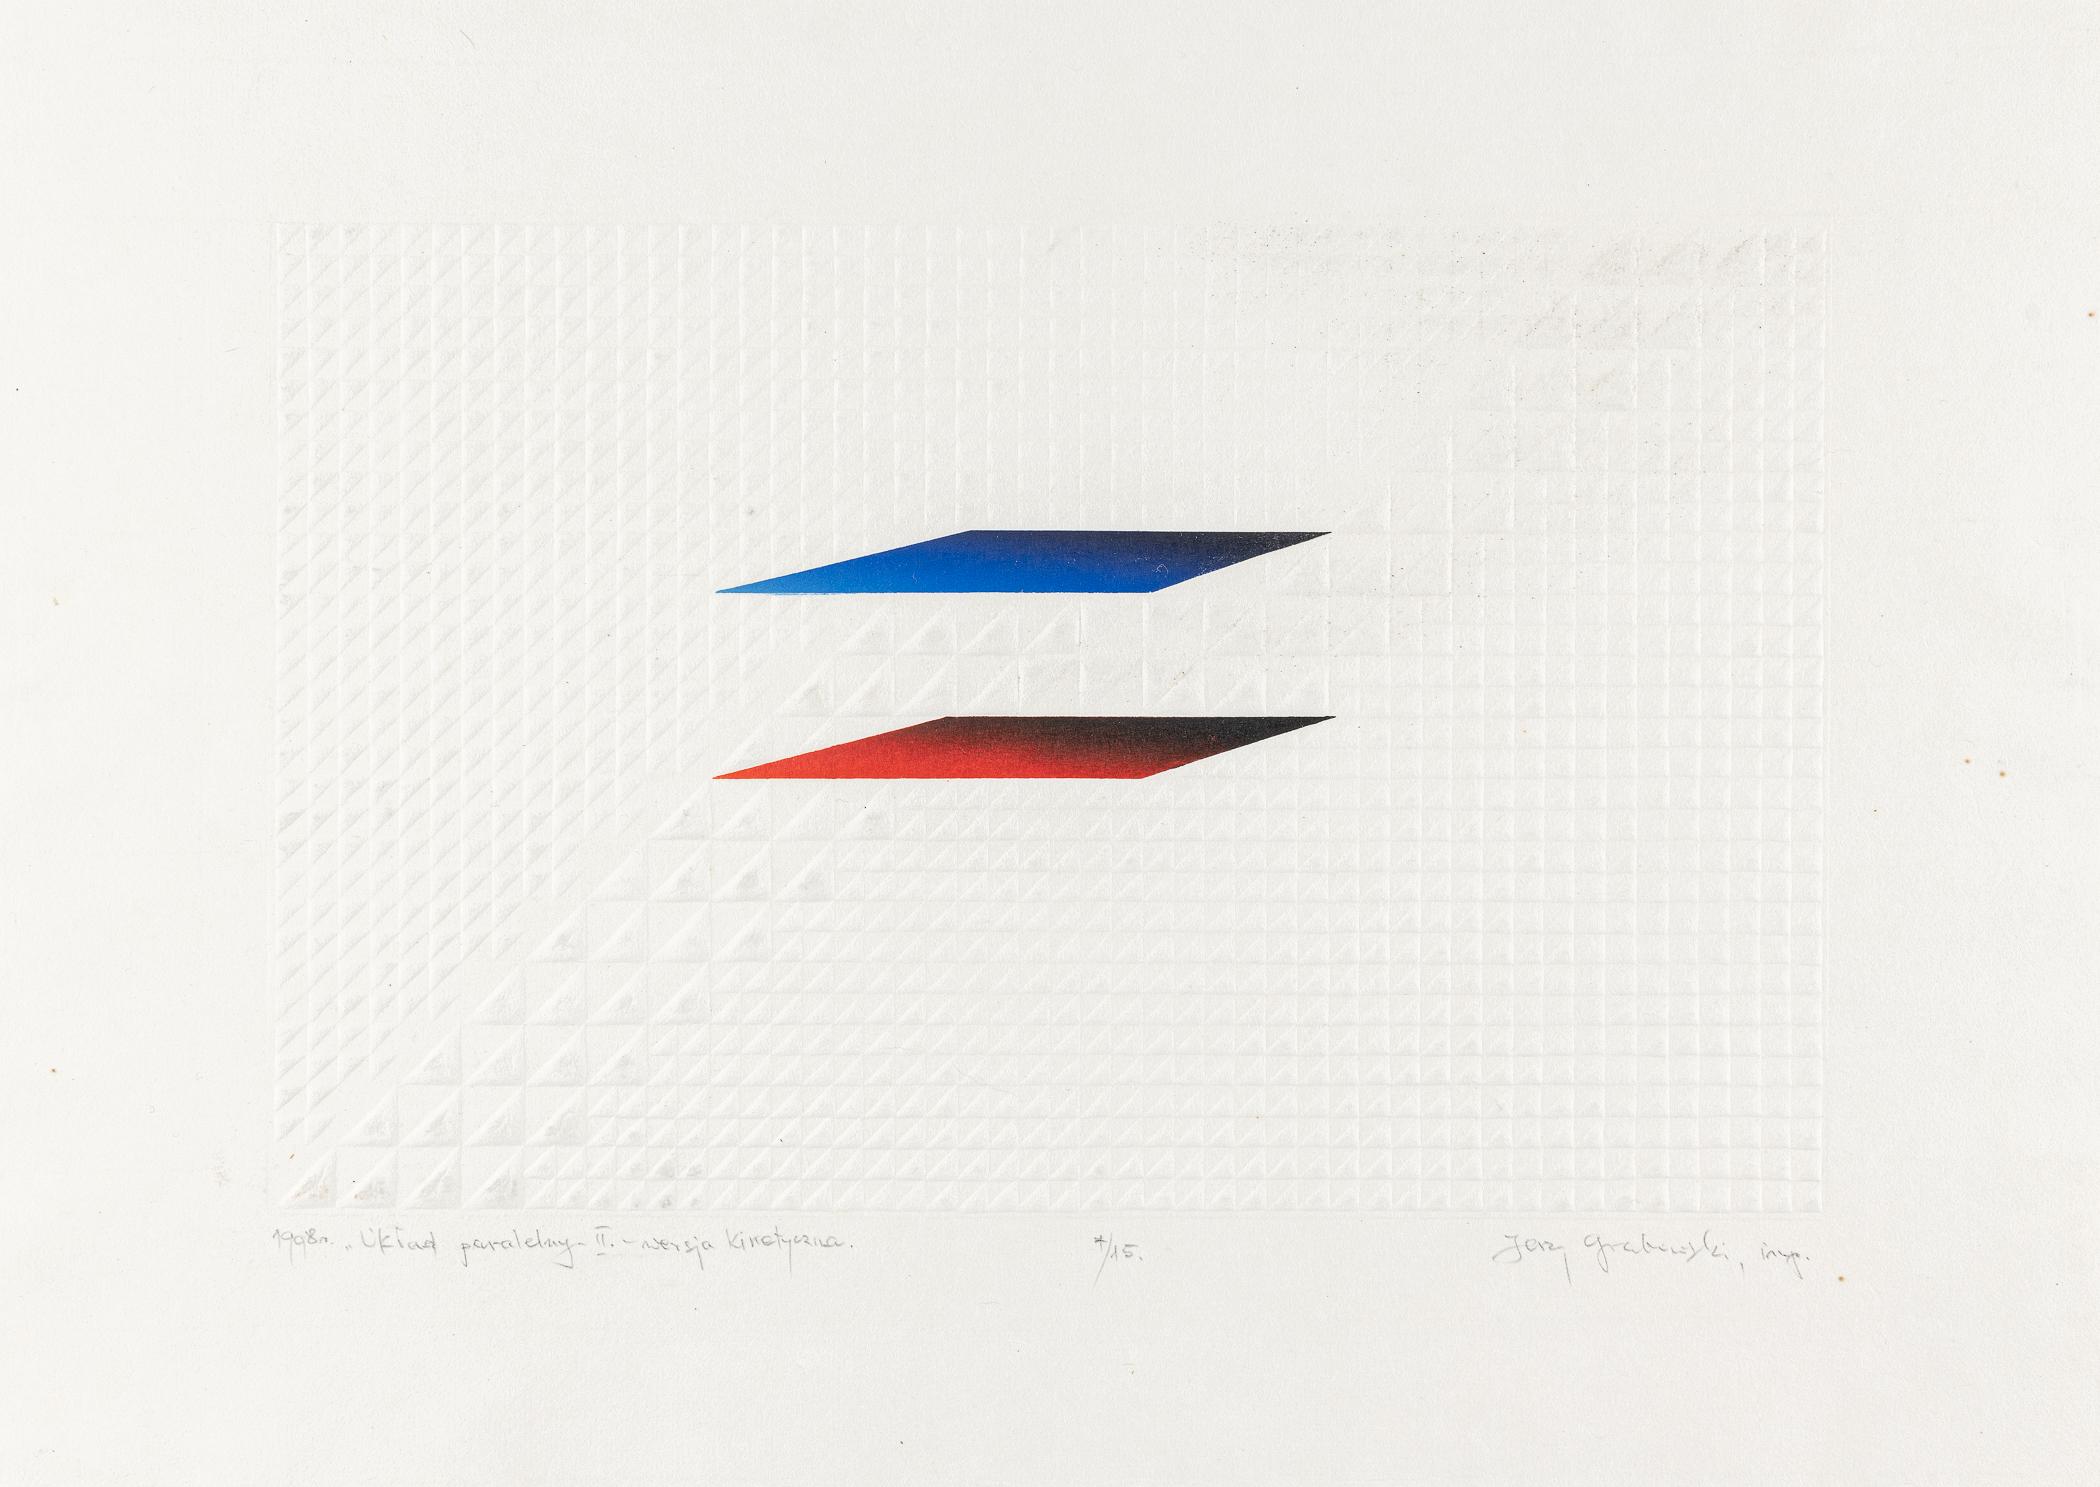 Układ paralelny II – wersja kinetyczna, 1988